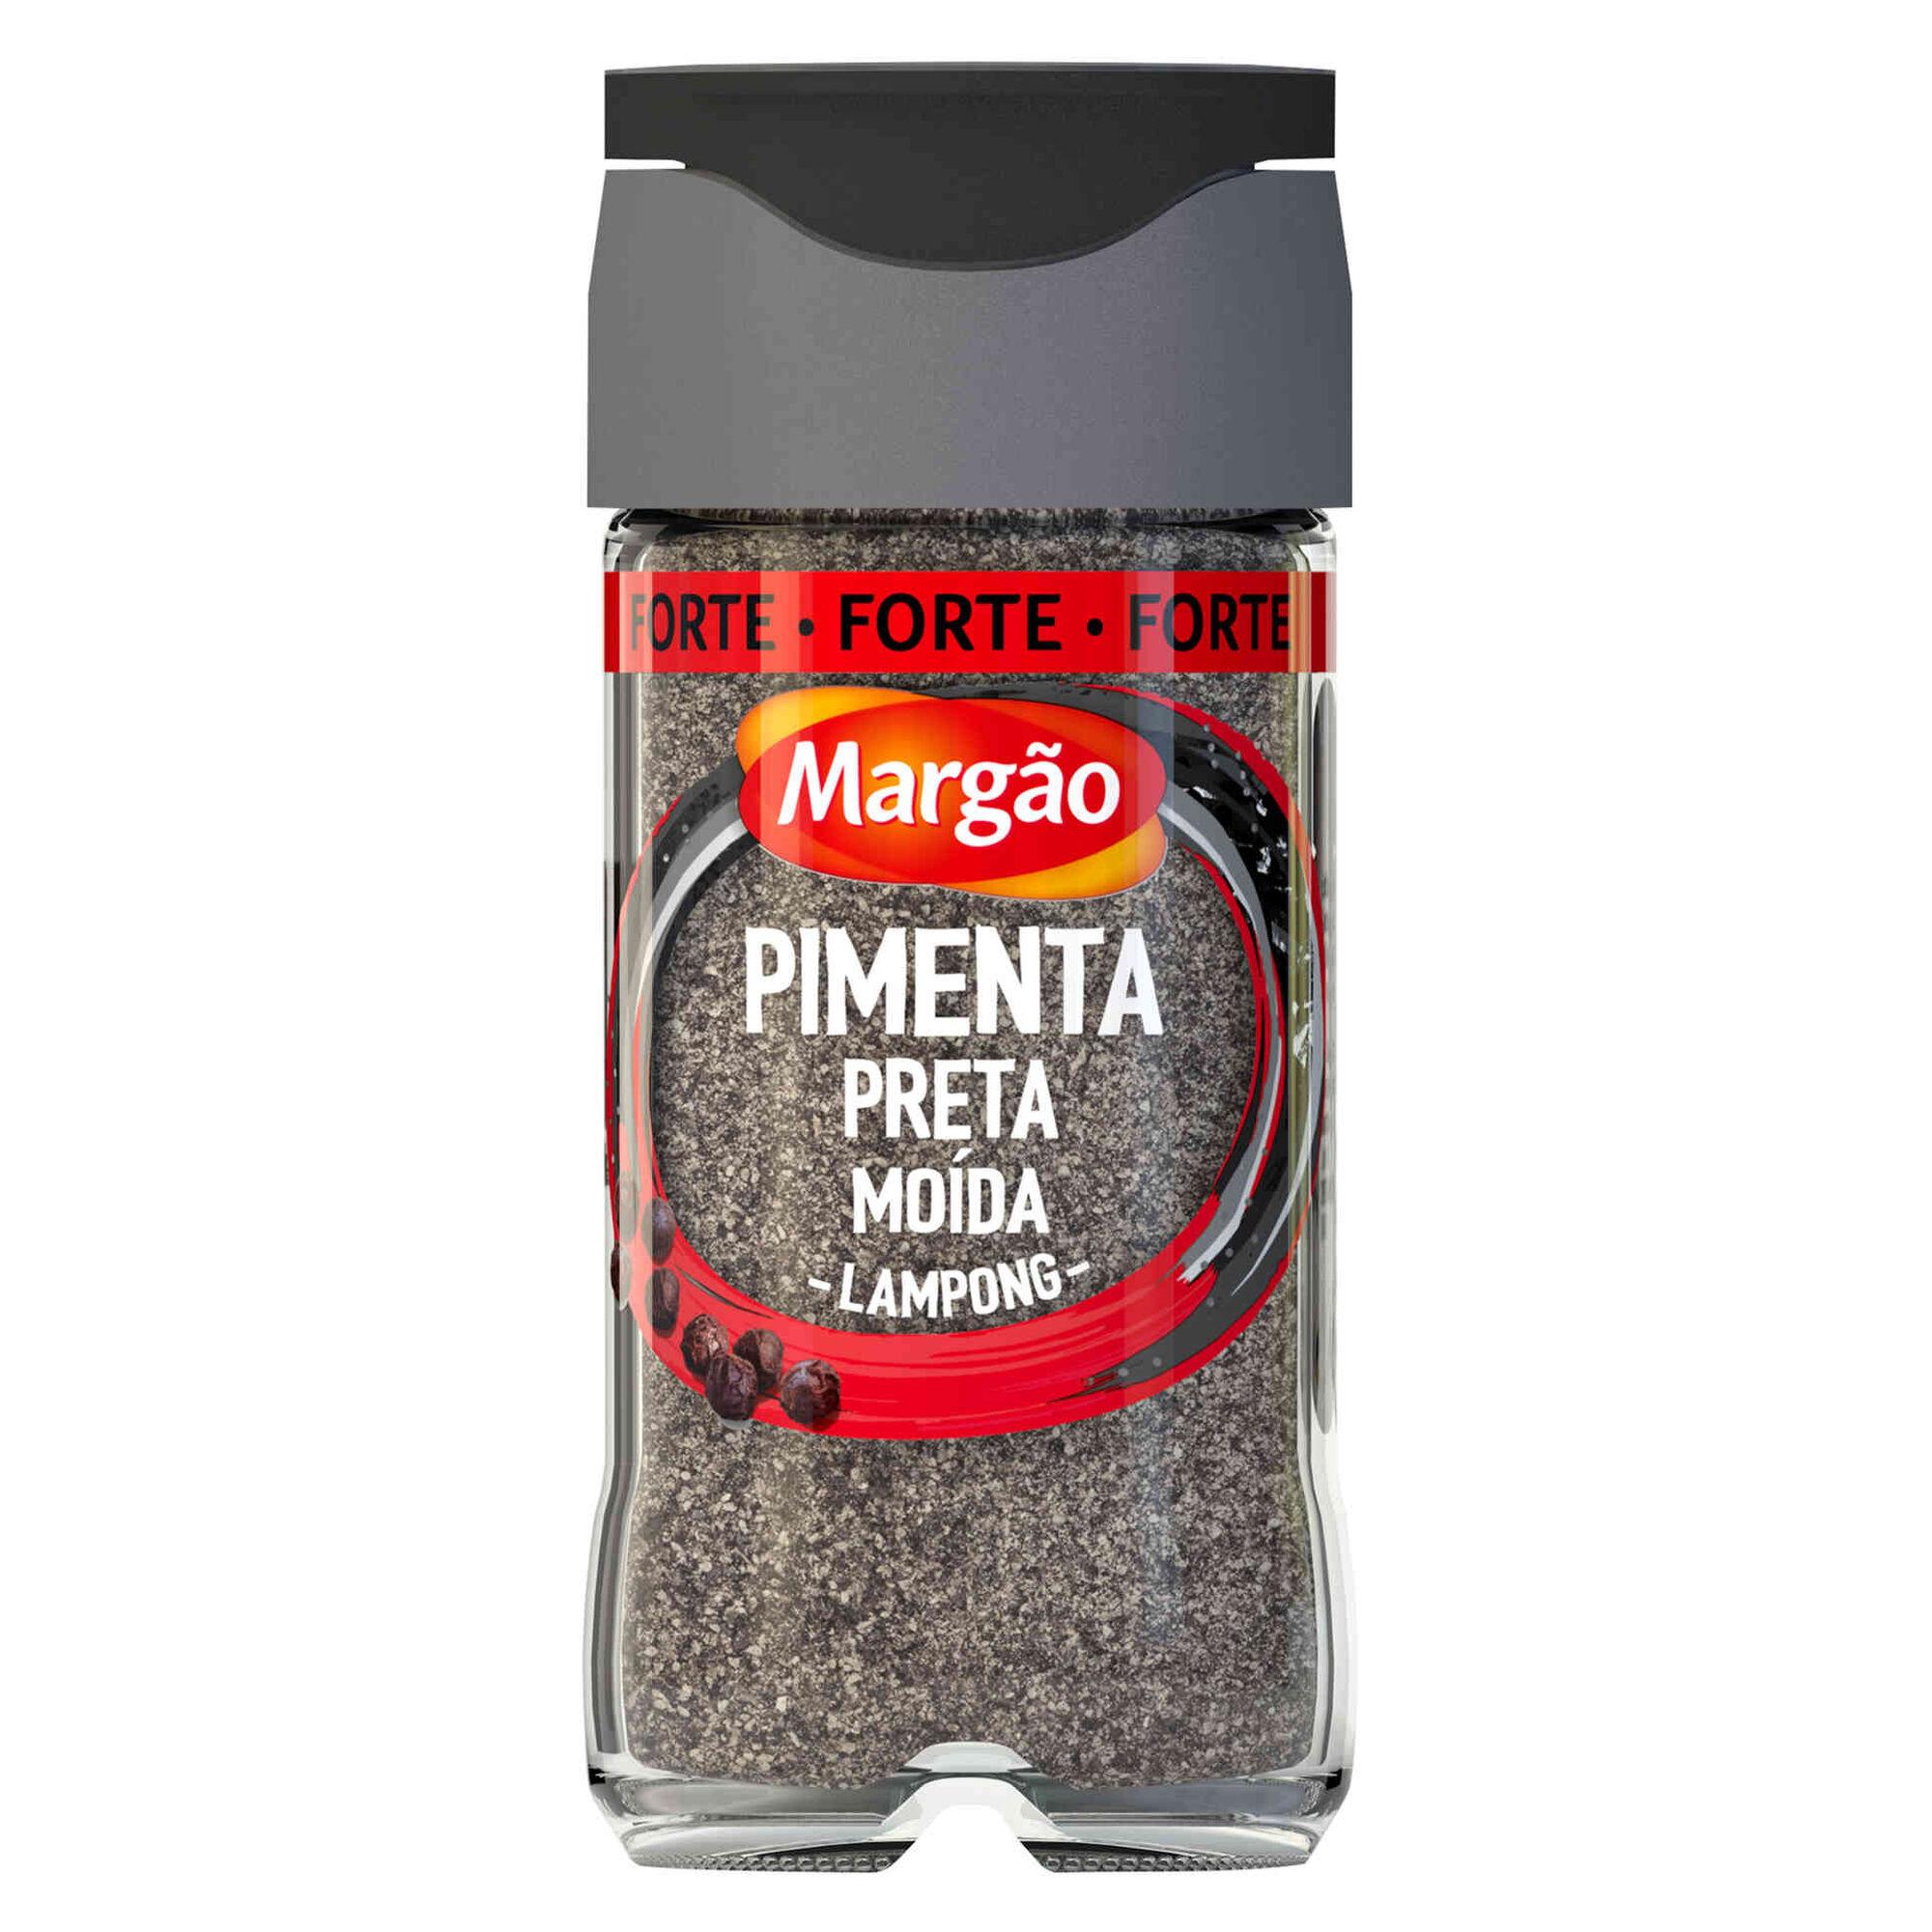 Pimenta Preta Moída Lampong em Frasco